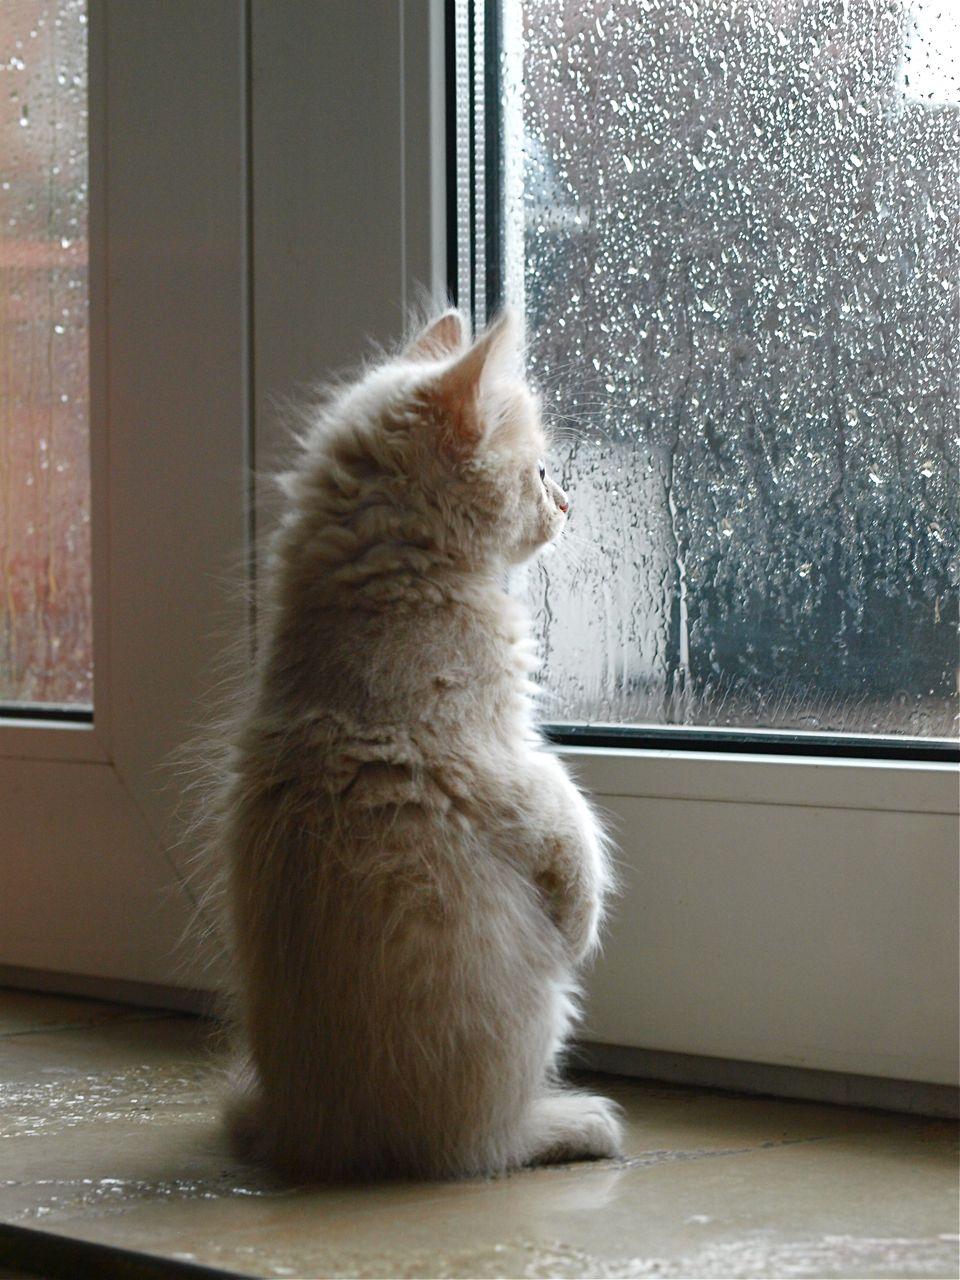 после дождя прикольные картинки изображений зимними пейзажами